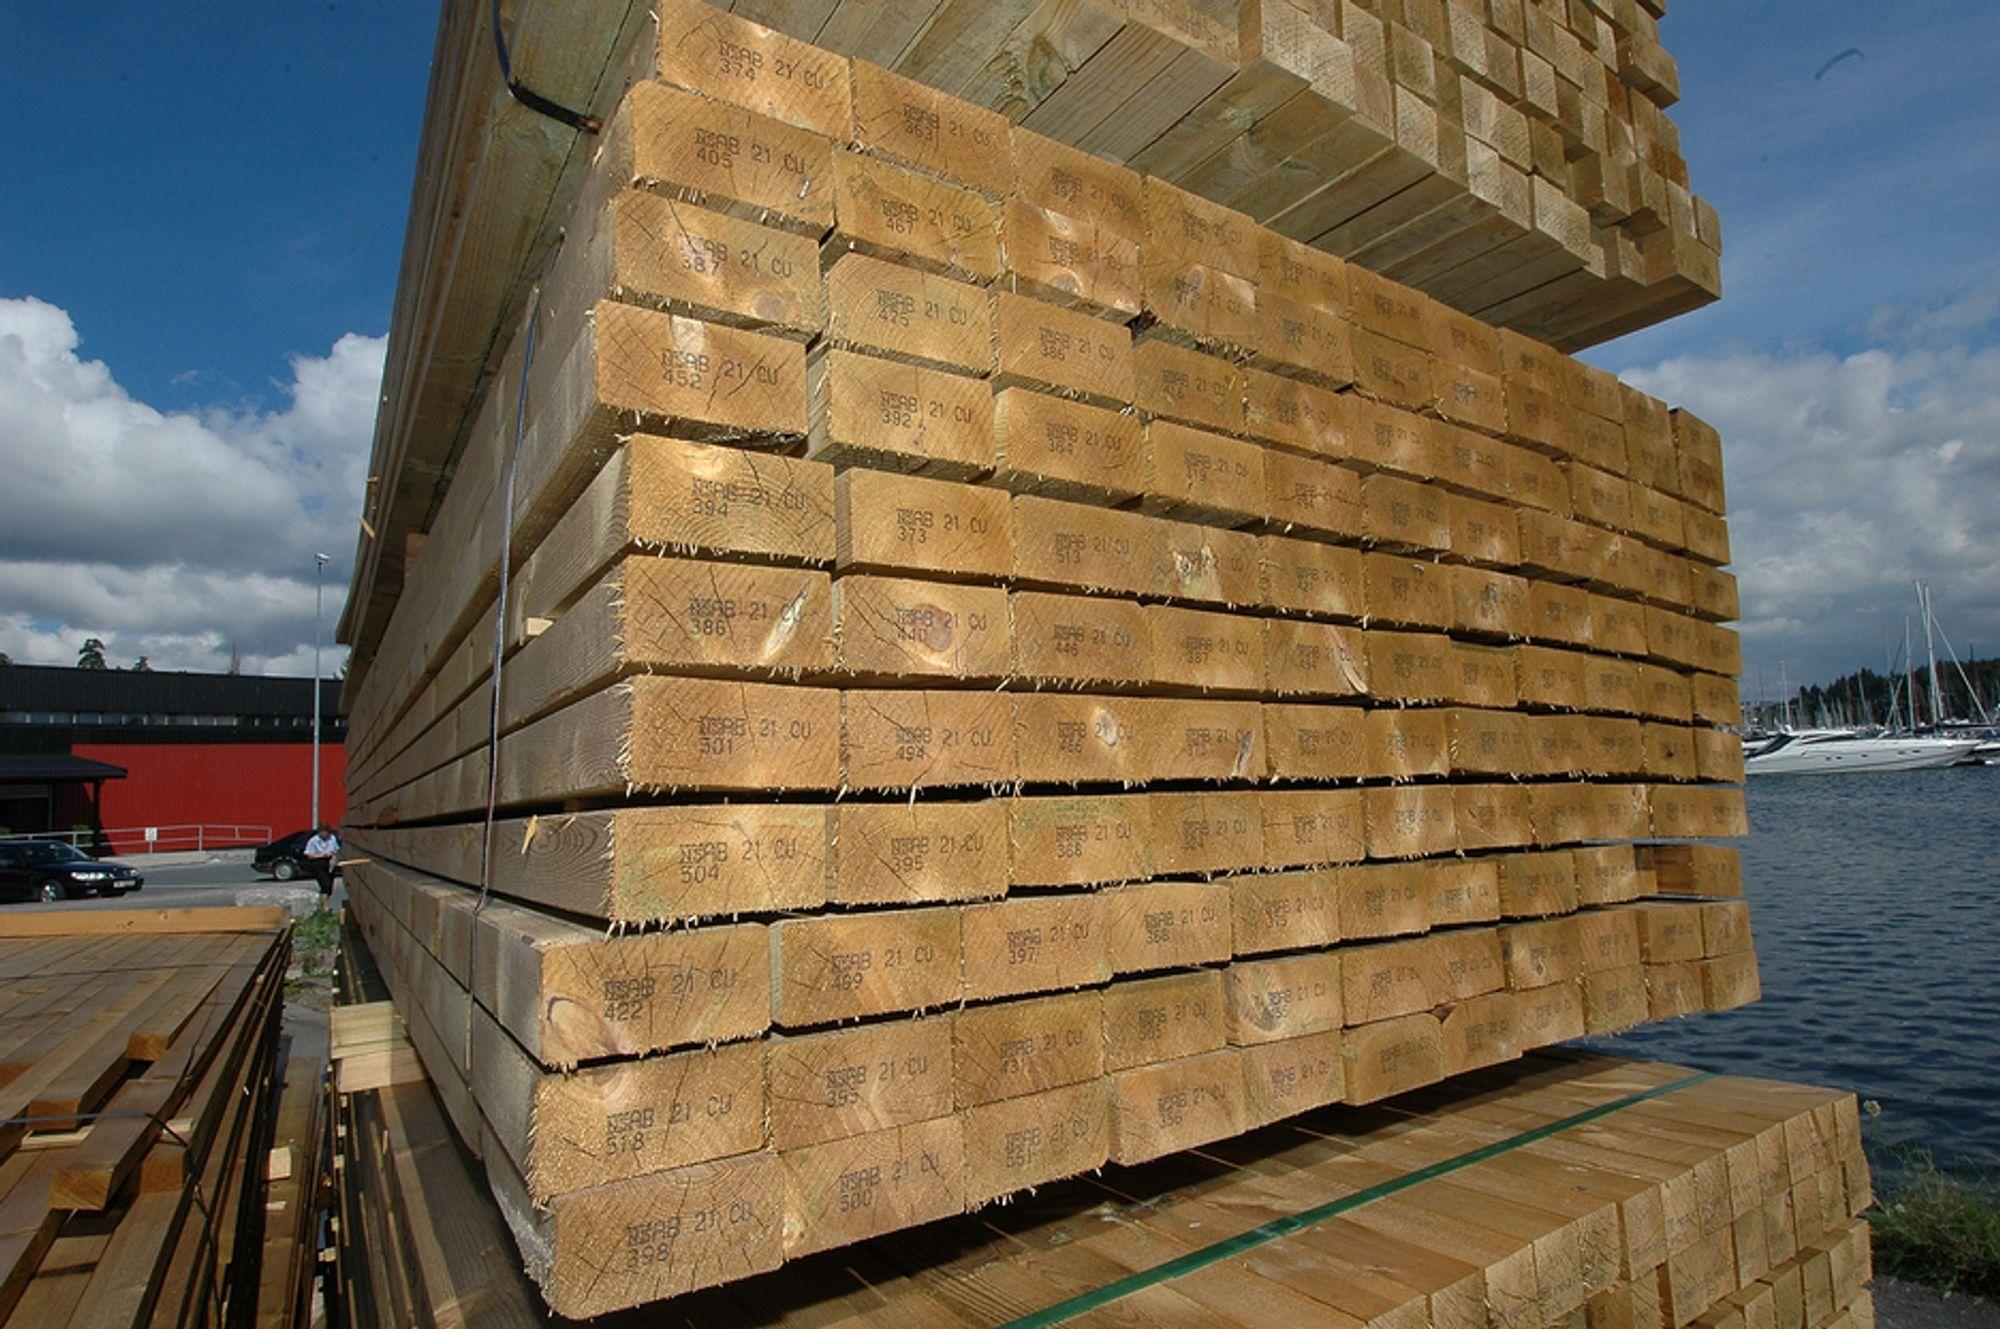 GODT BIDRAG: Produksjonen av trelast og trevarer bidro sterkt til å dra snittet opp i industriproduksjonen siste kvartal.